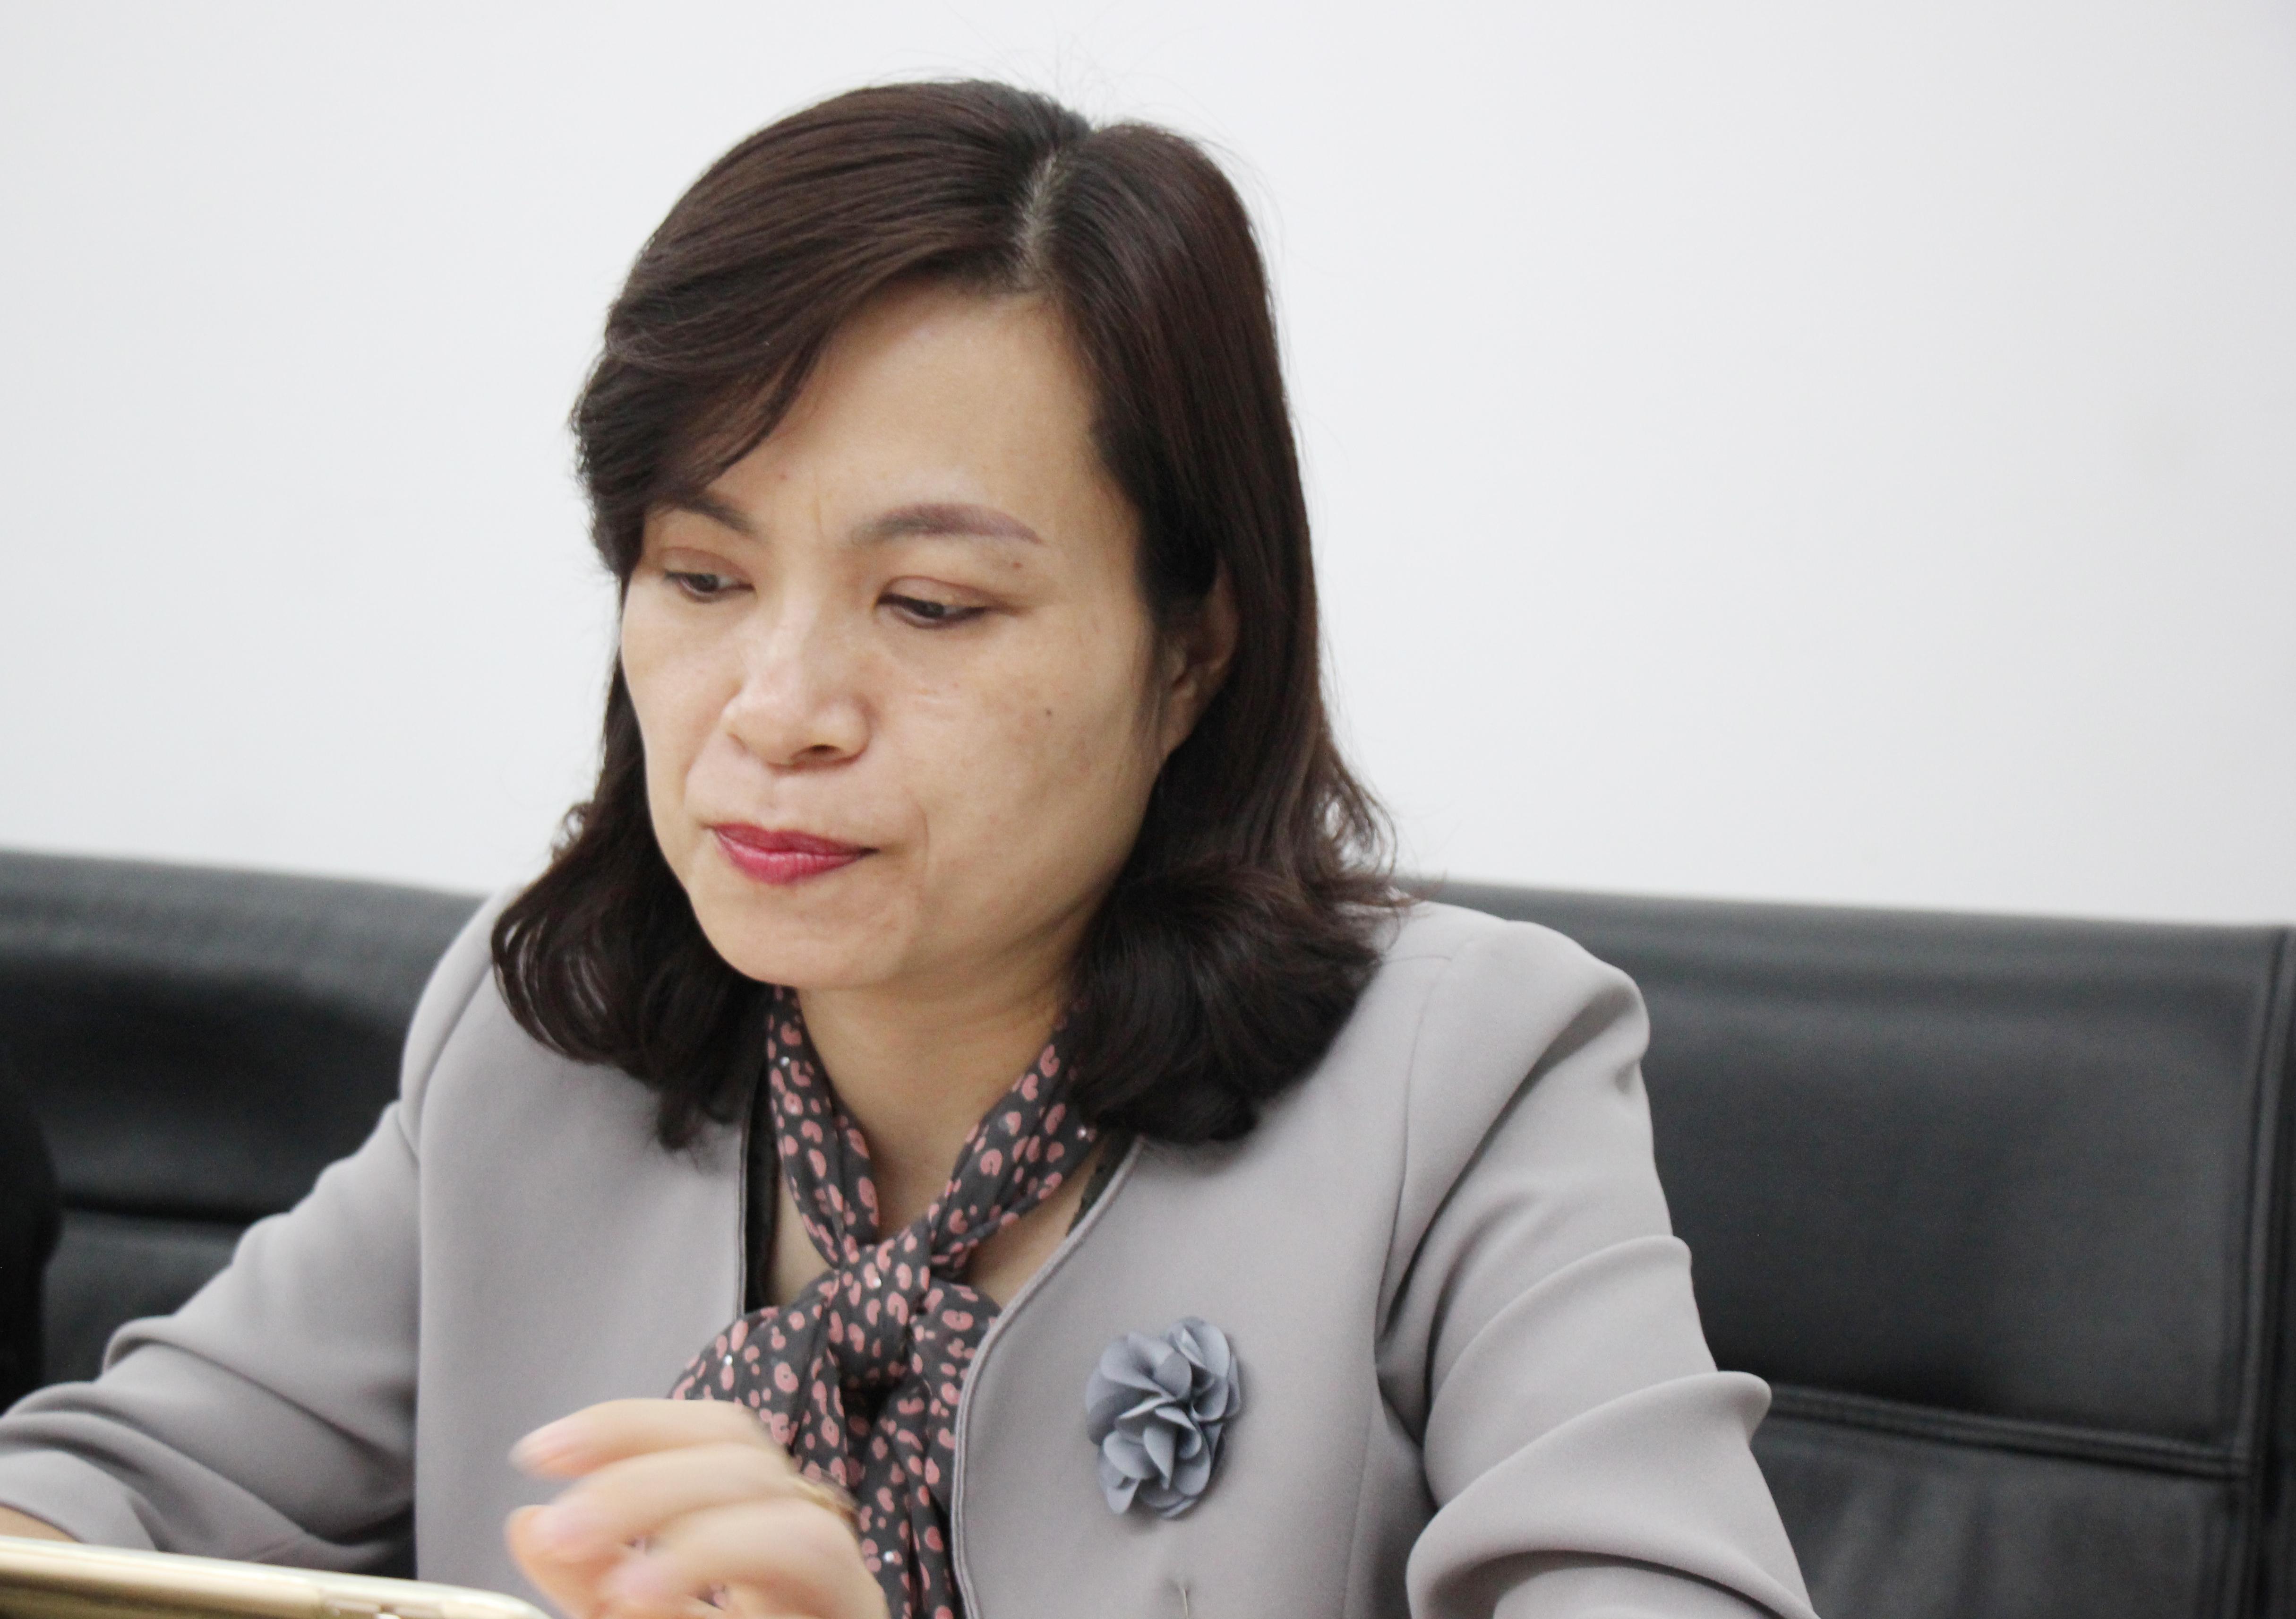 Bác sĩ chuyên khoa II Ngô Thị Thu Hương - Giám đốc Trung tâm tim mạch - Bệnh viện tỉnh Phú Thọ giải đáp những thắc mắc của cho độc giả về mỡ máu cao.